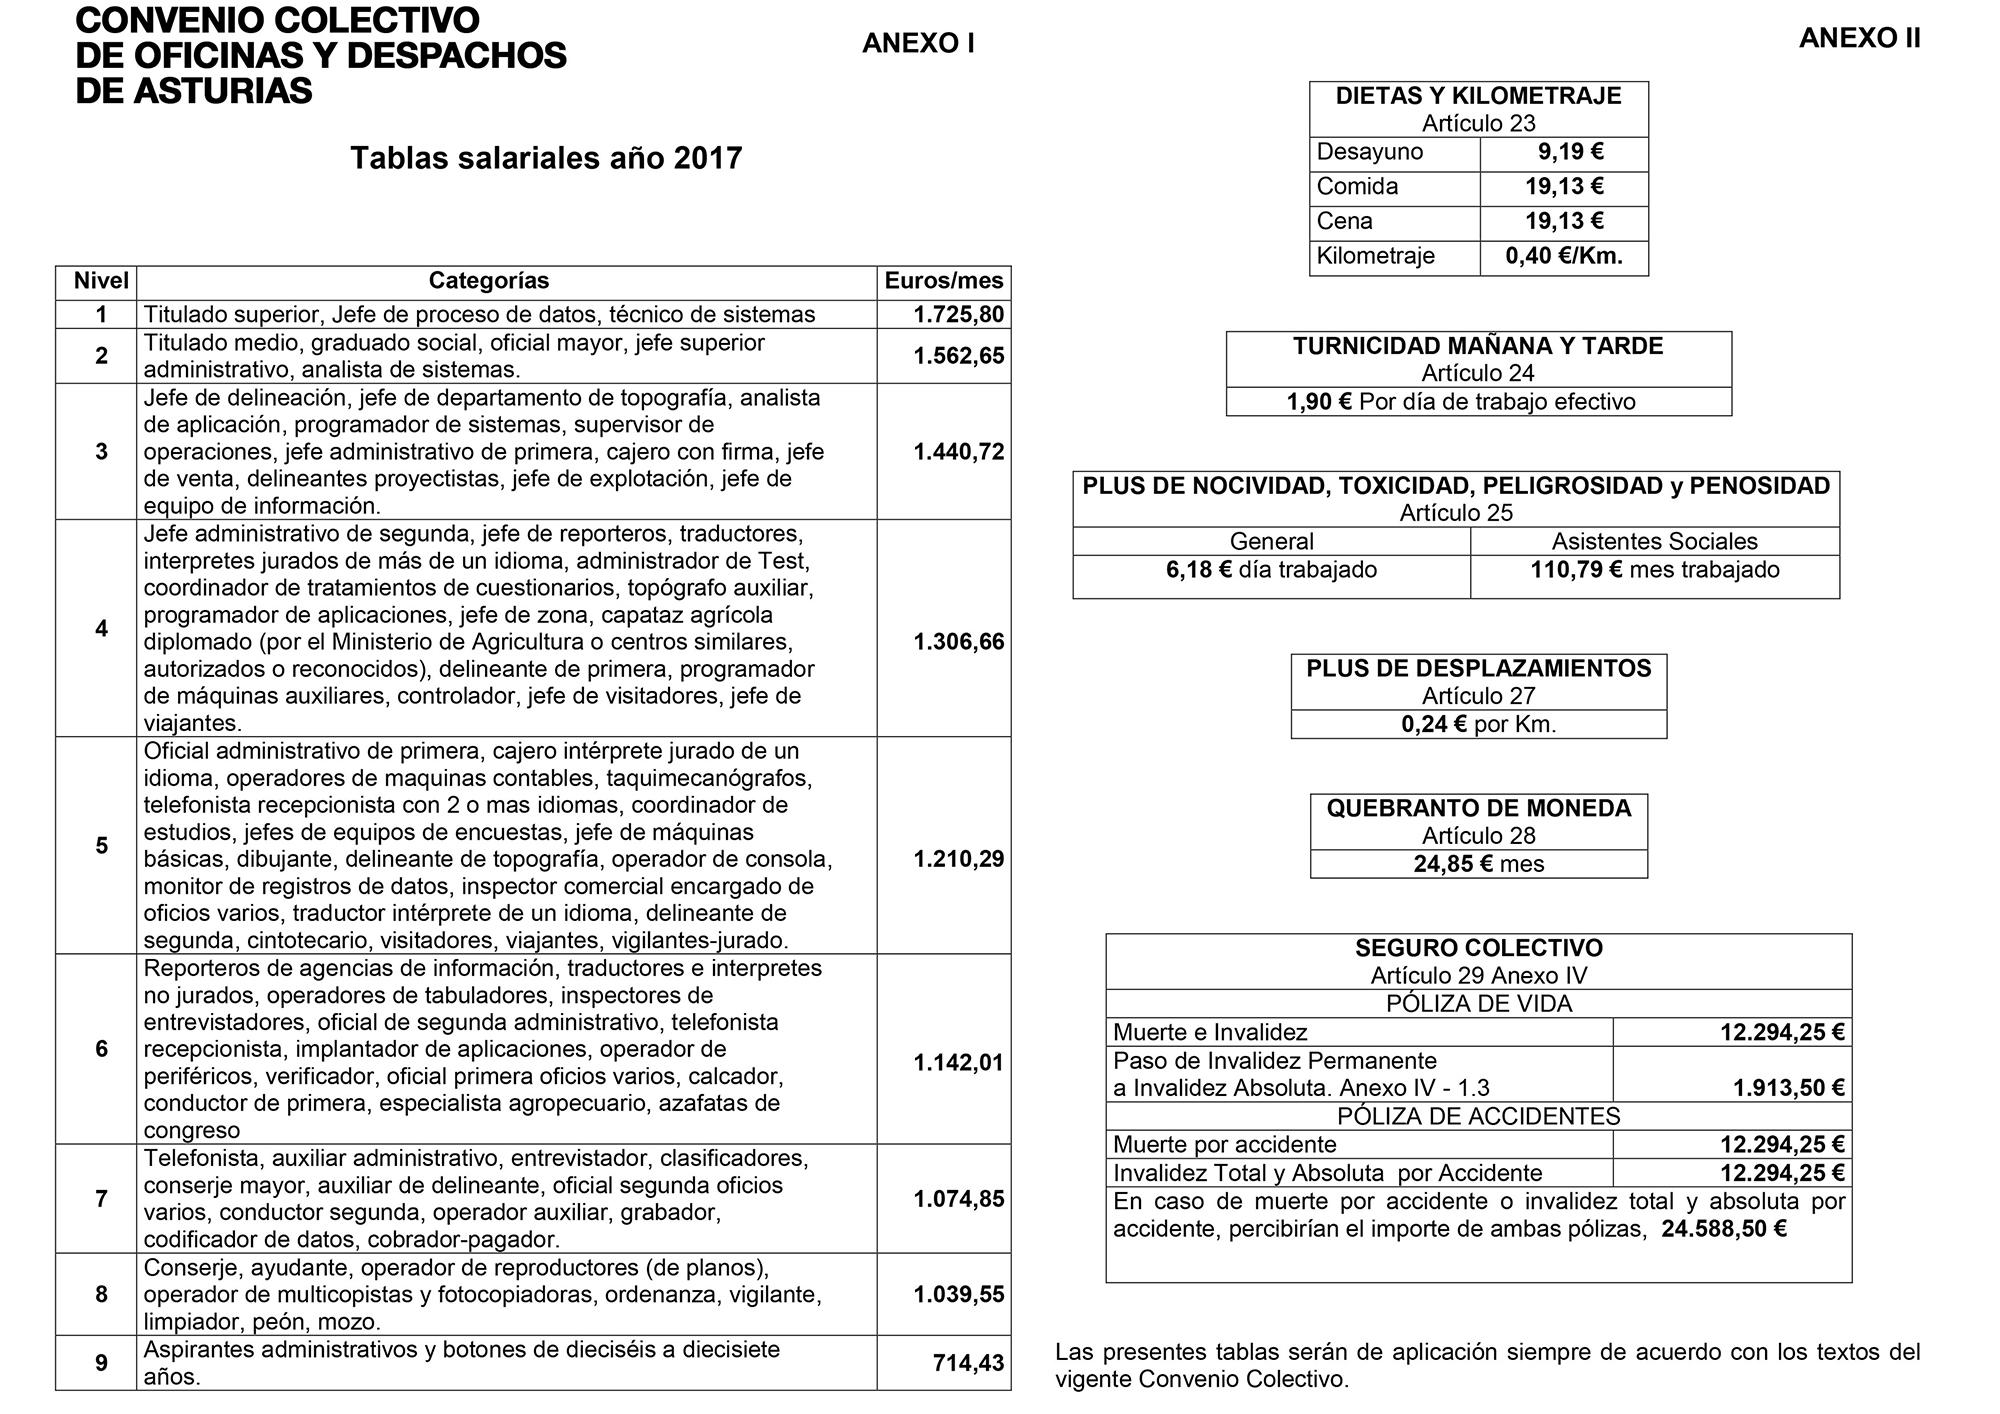 convenio de oficinas y despachos de asturias registro